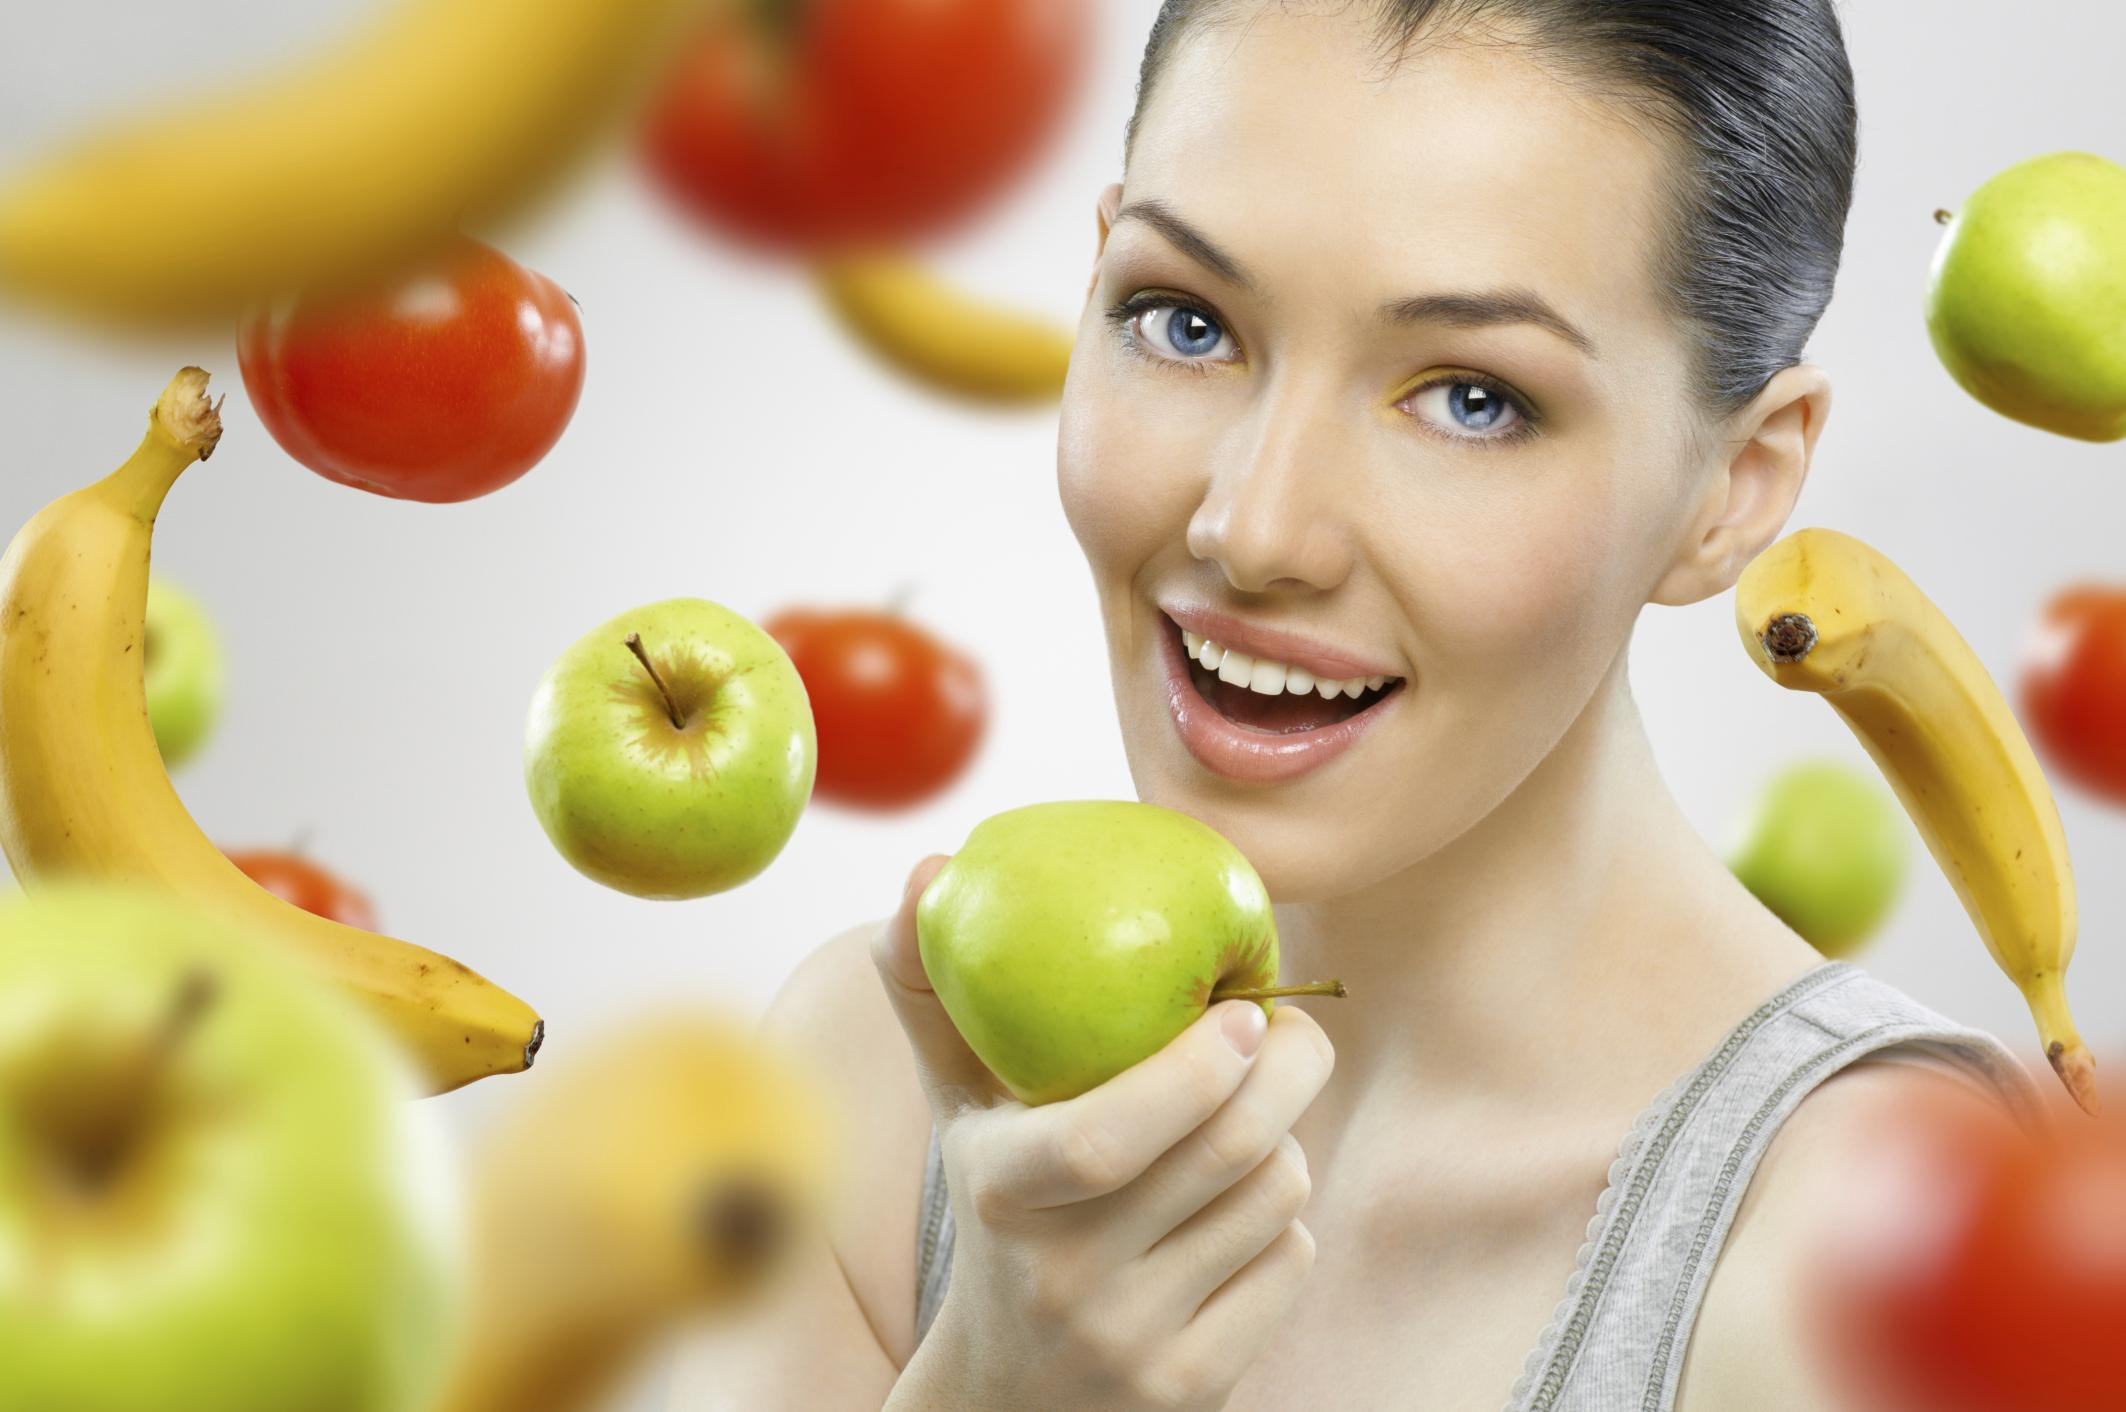 dieta-facil-8211-dieta-rapida-facil-para-perder-5-quilos-e-emagrecer-739x311.jpg